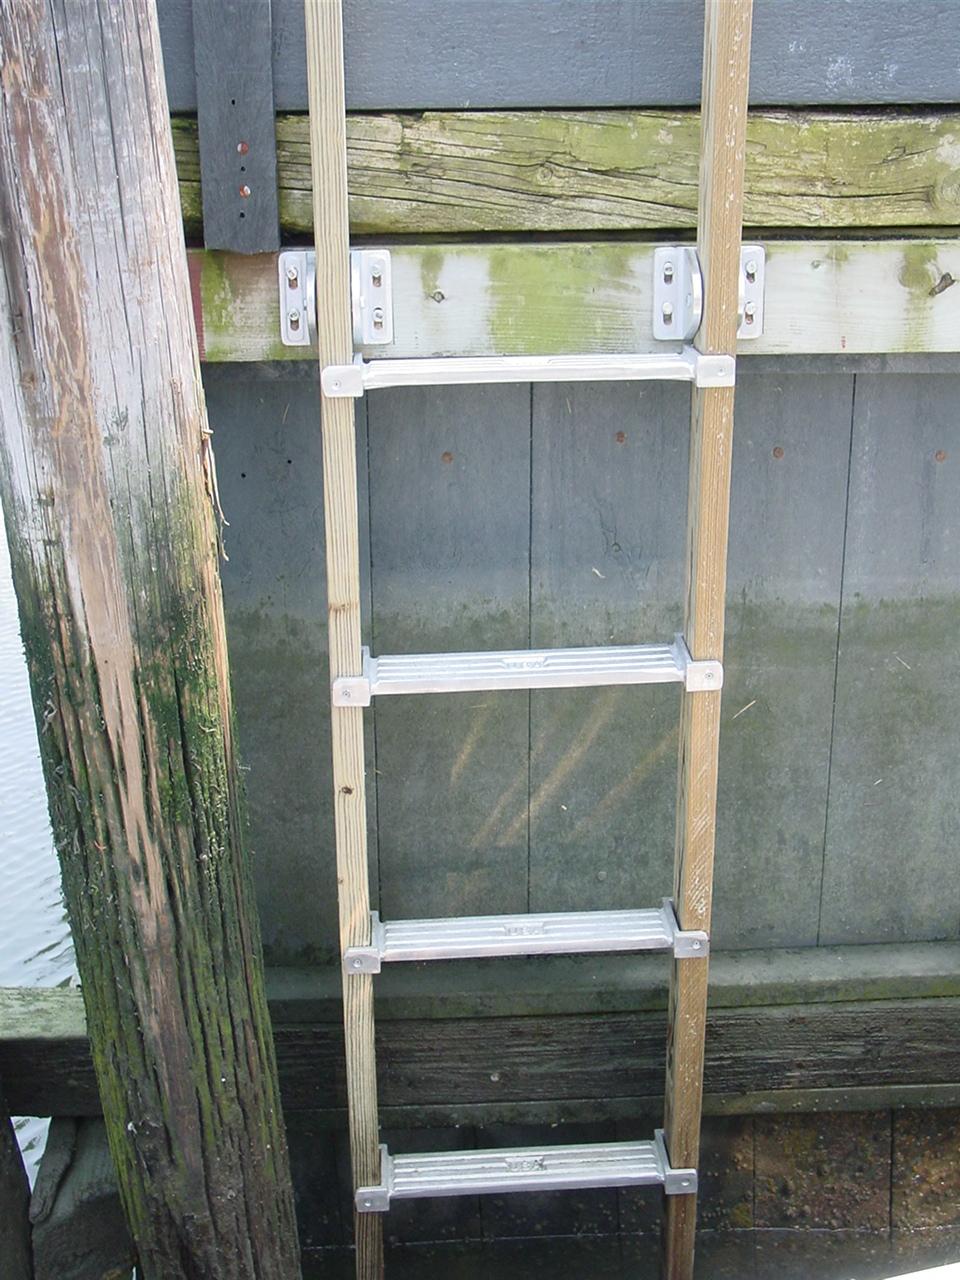 Dock Ladders Online Dock Deck And Ladder Hardware